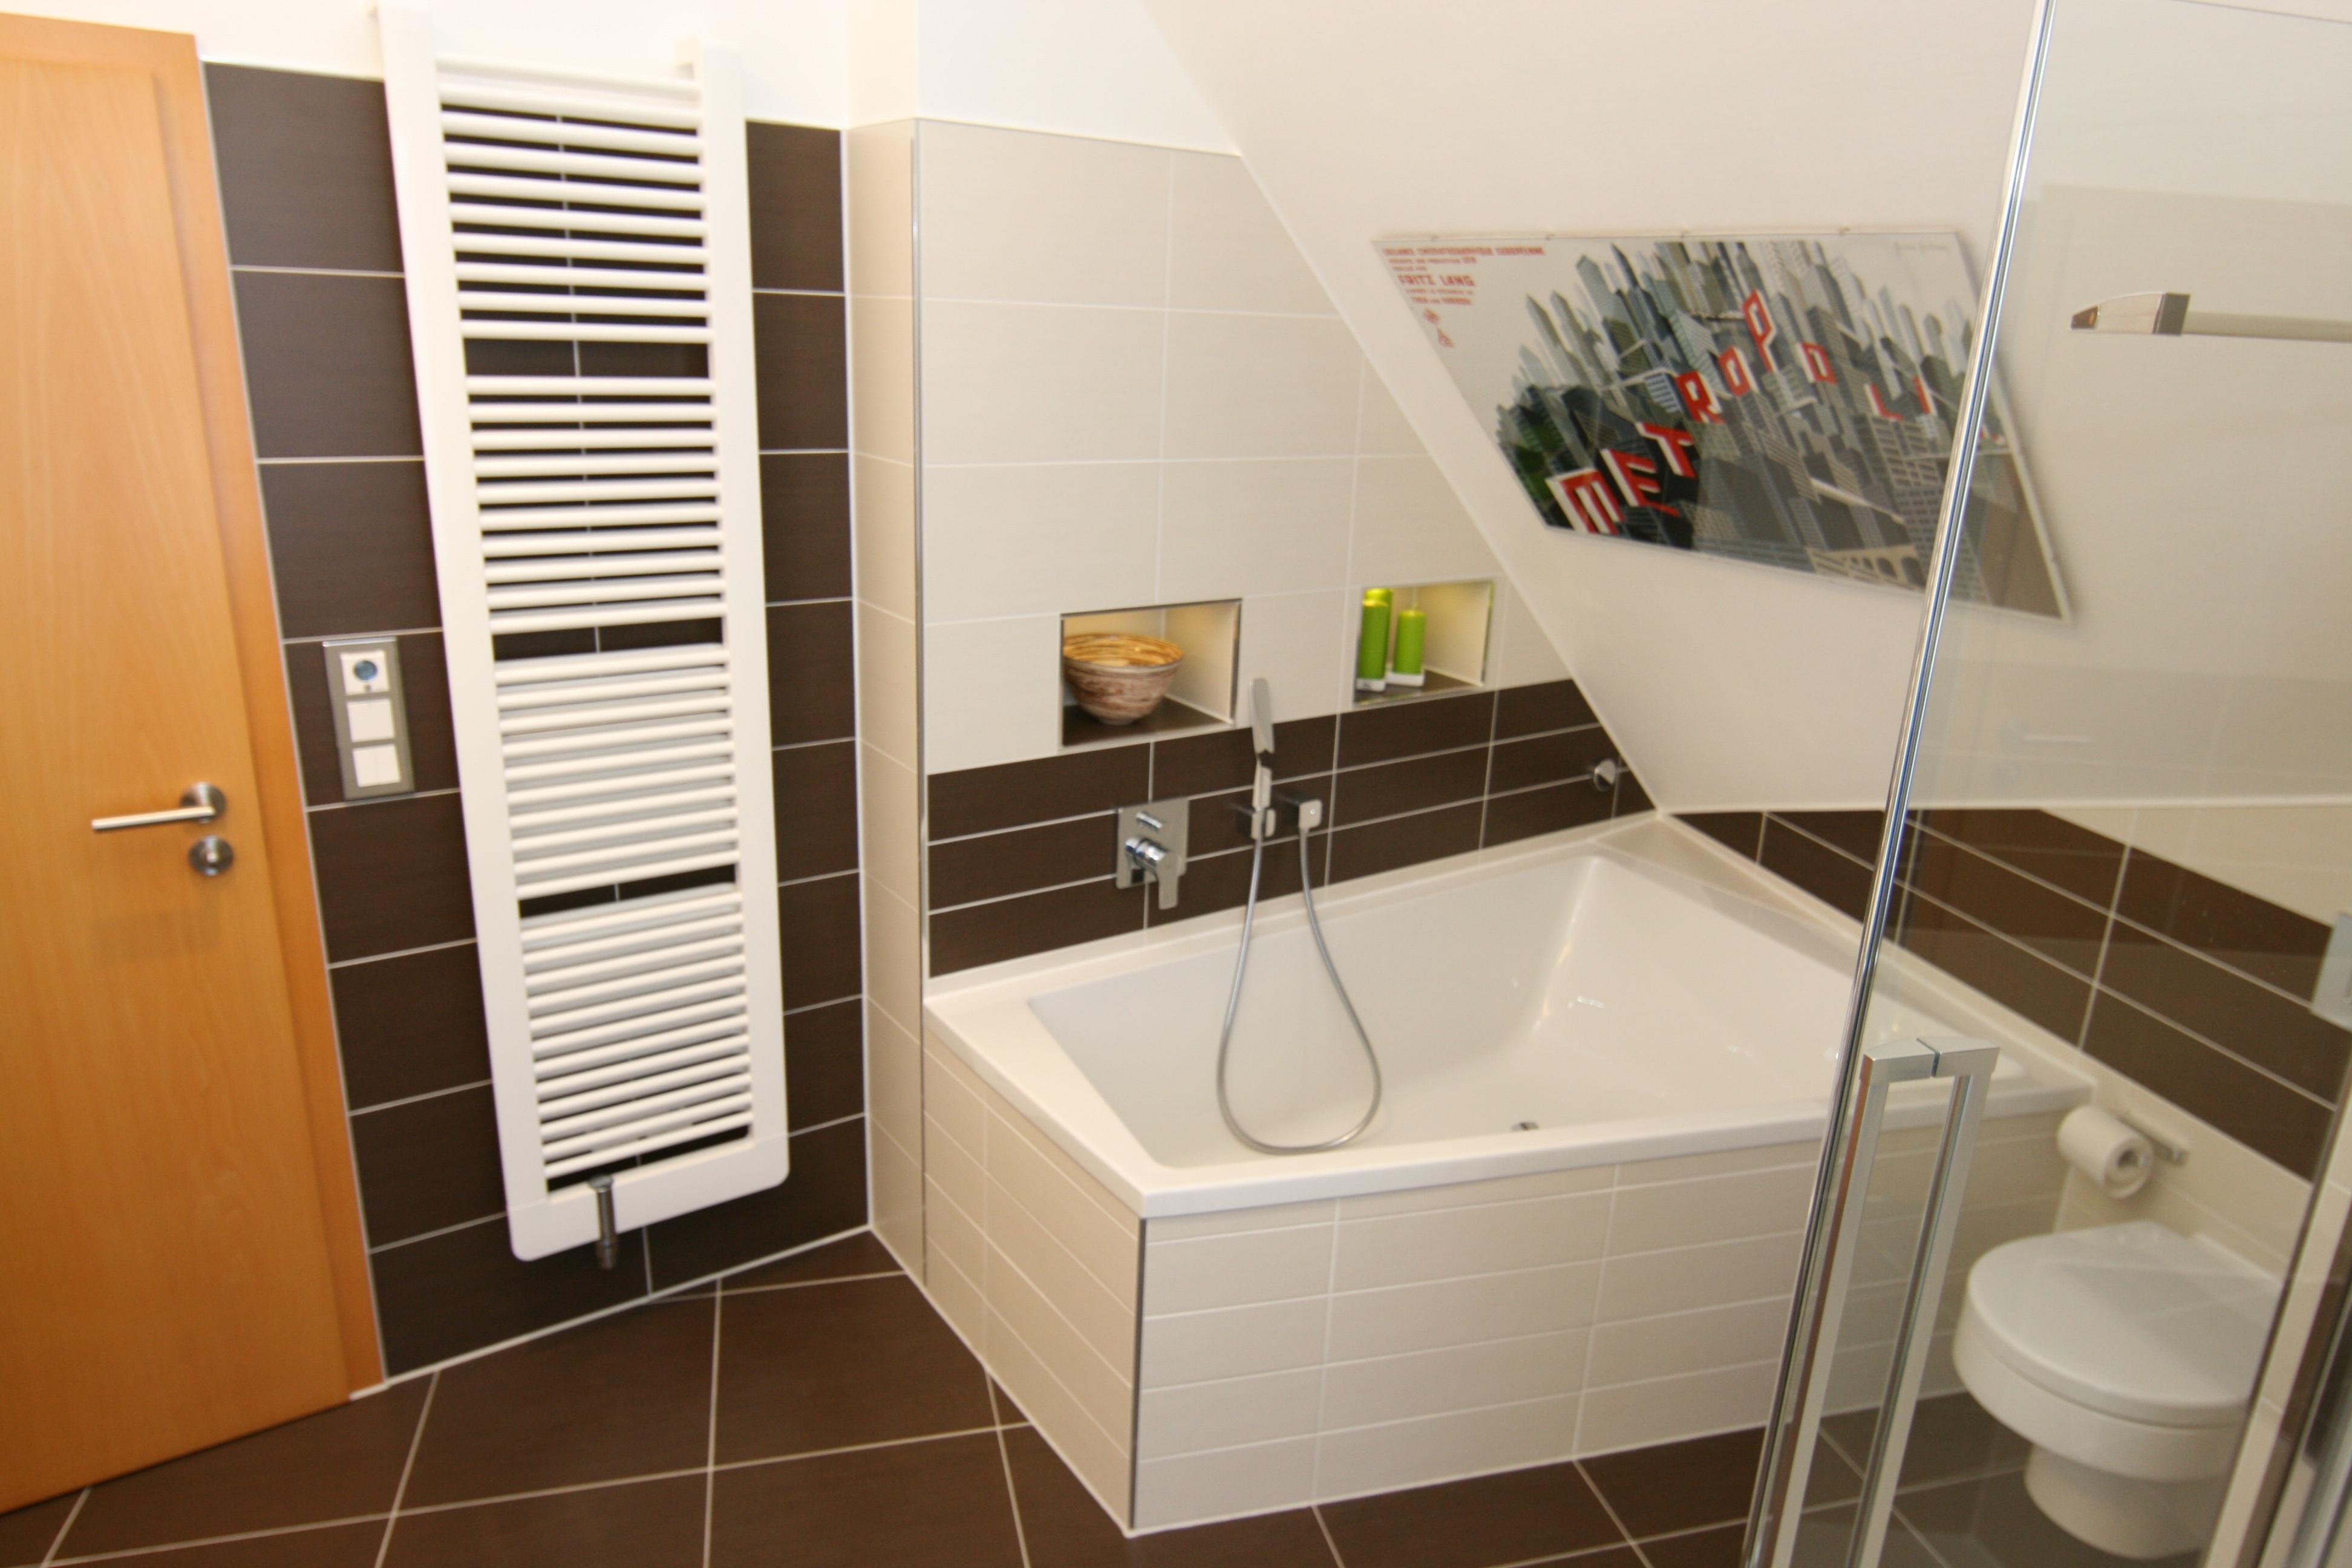 Beeindruckend Dusche In Dachschräge Ideen Von Die Geräumig, Groß Mit Praktischer Und Bequemer